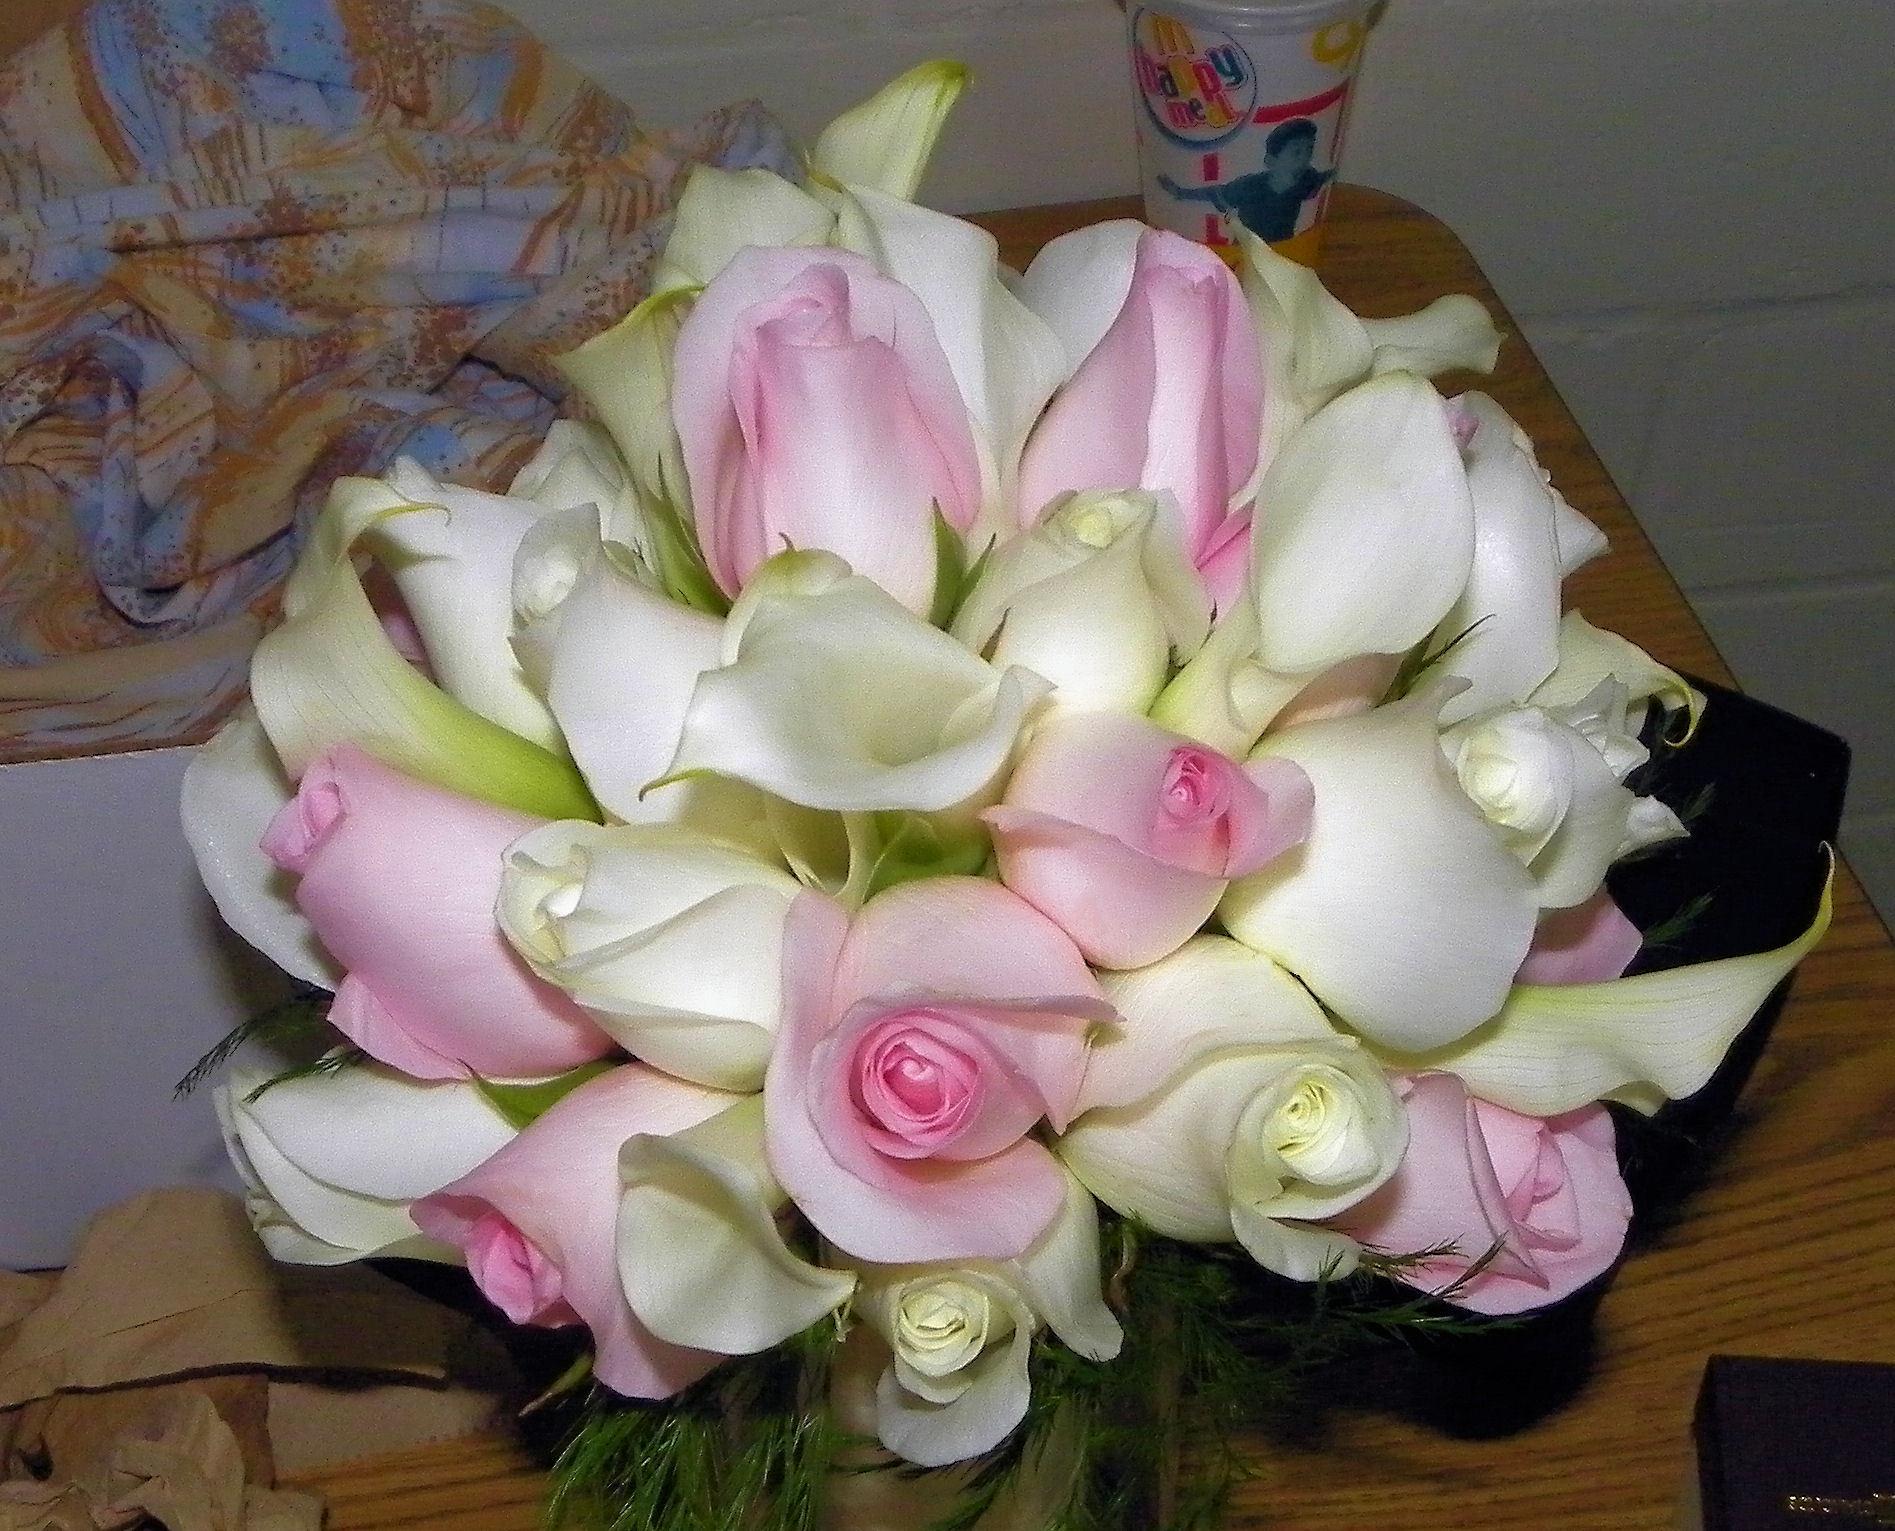 white, pink, Roses, Bouquet, Bridal, Mini, Callas, Pale